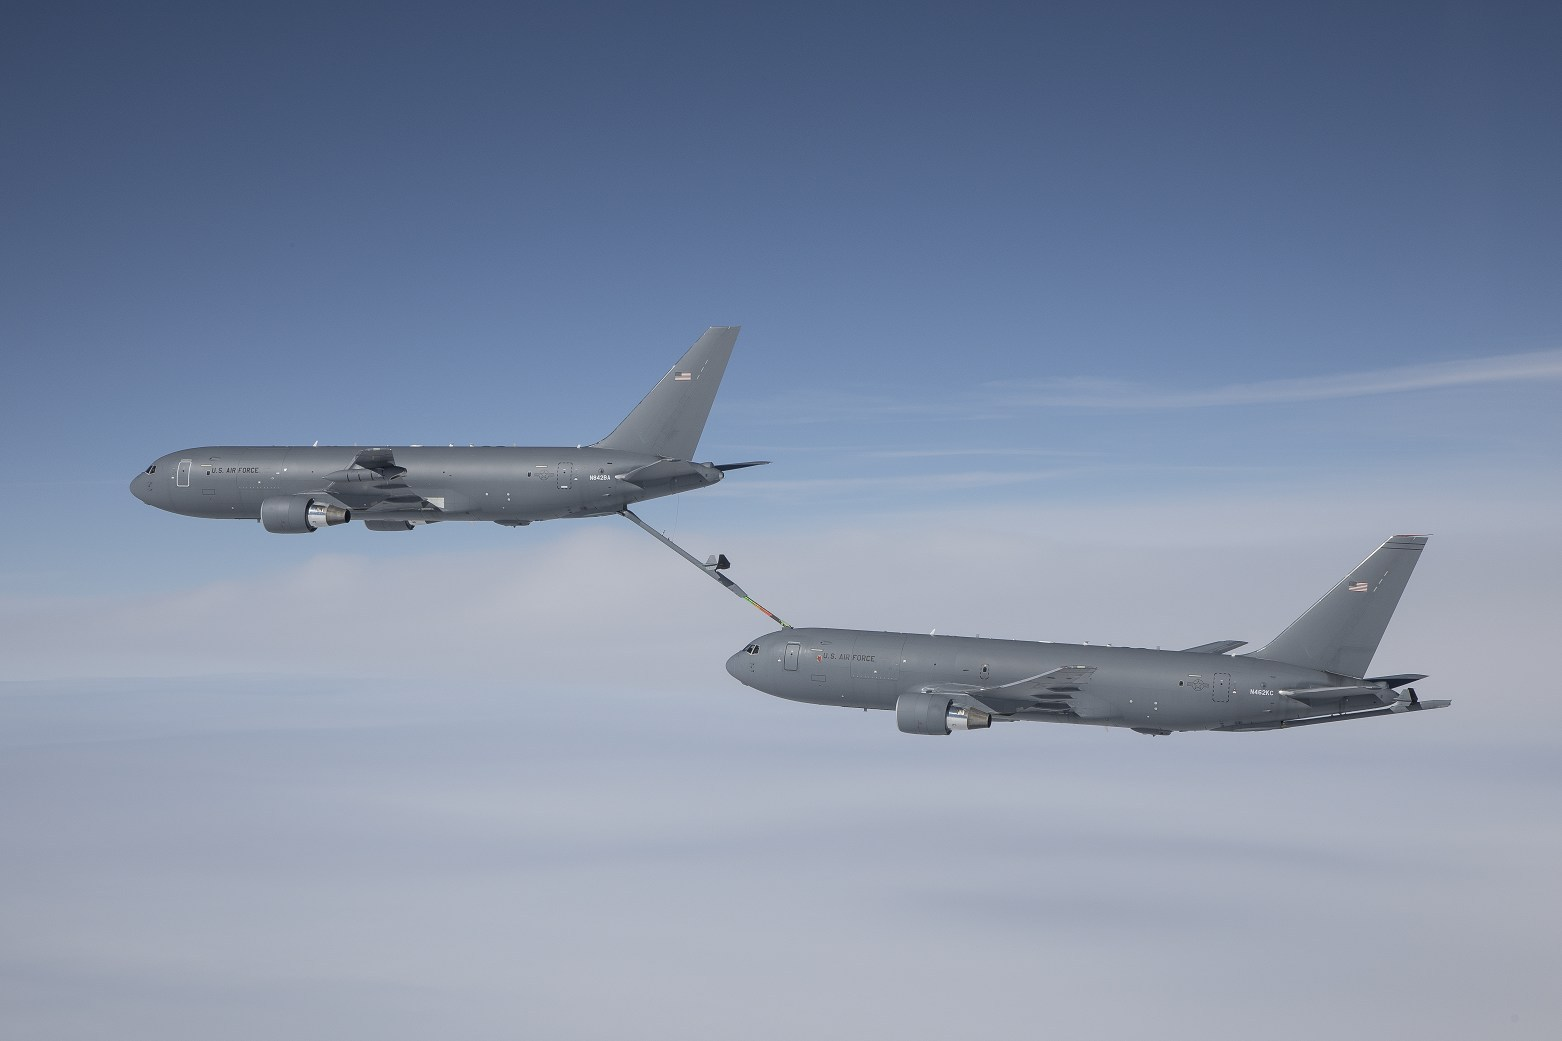 Un KC-46 alimente un deuxième KC-46, en transférant 146 000 livres de carburant dans le cadre de ses essais de certification. La rampe de ravitaillement du KC-46 lui permet de transférer jusqu'à 1 200 gallons de carburant par minute.